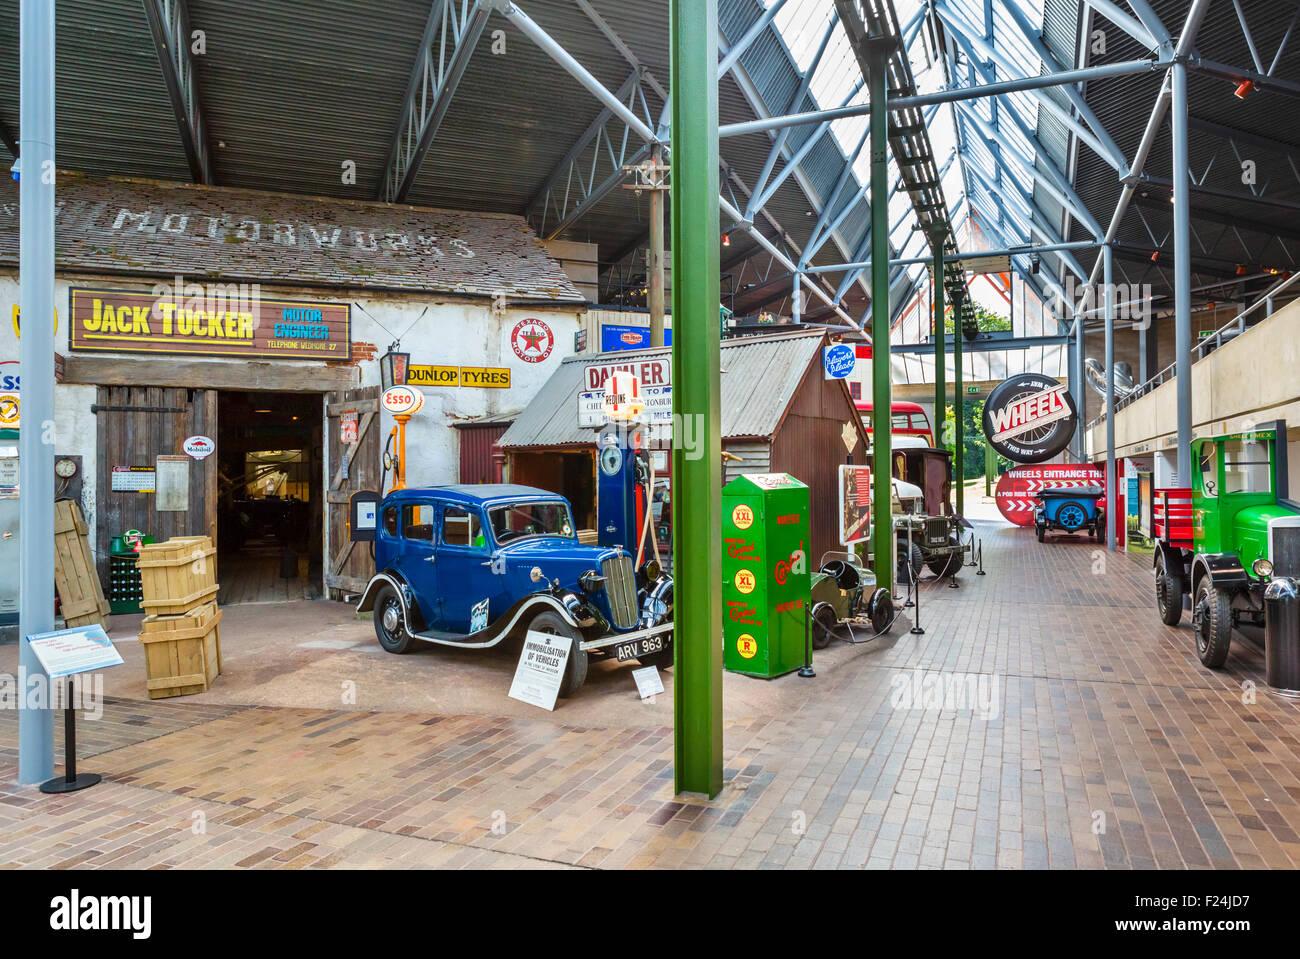 Periode Garage Display an das National Motor Museum in Beaulieu, Hampshire, England UK Stockbild